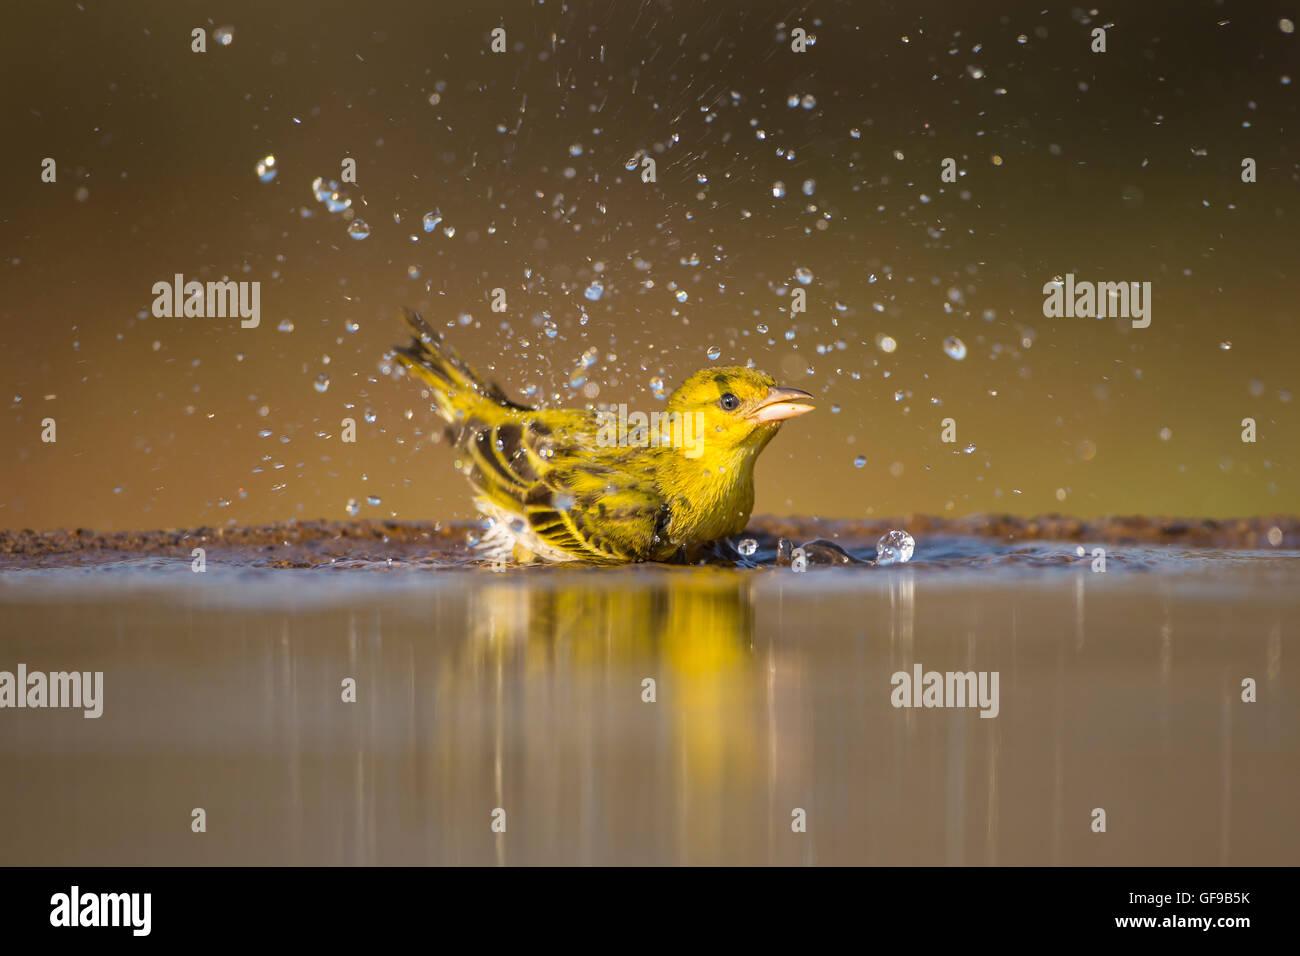 Gelb fronted Canary Crithagra Mozambica Baden und Spritzwasser in ein Planschbecken Stockbild